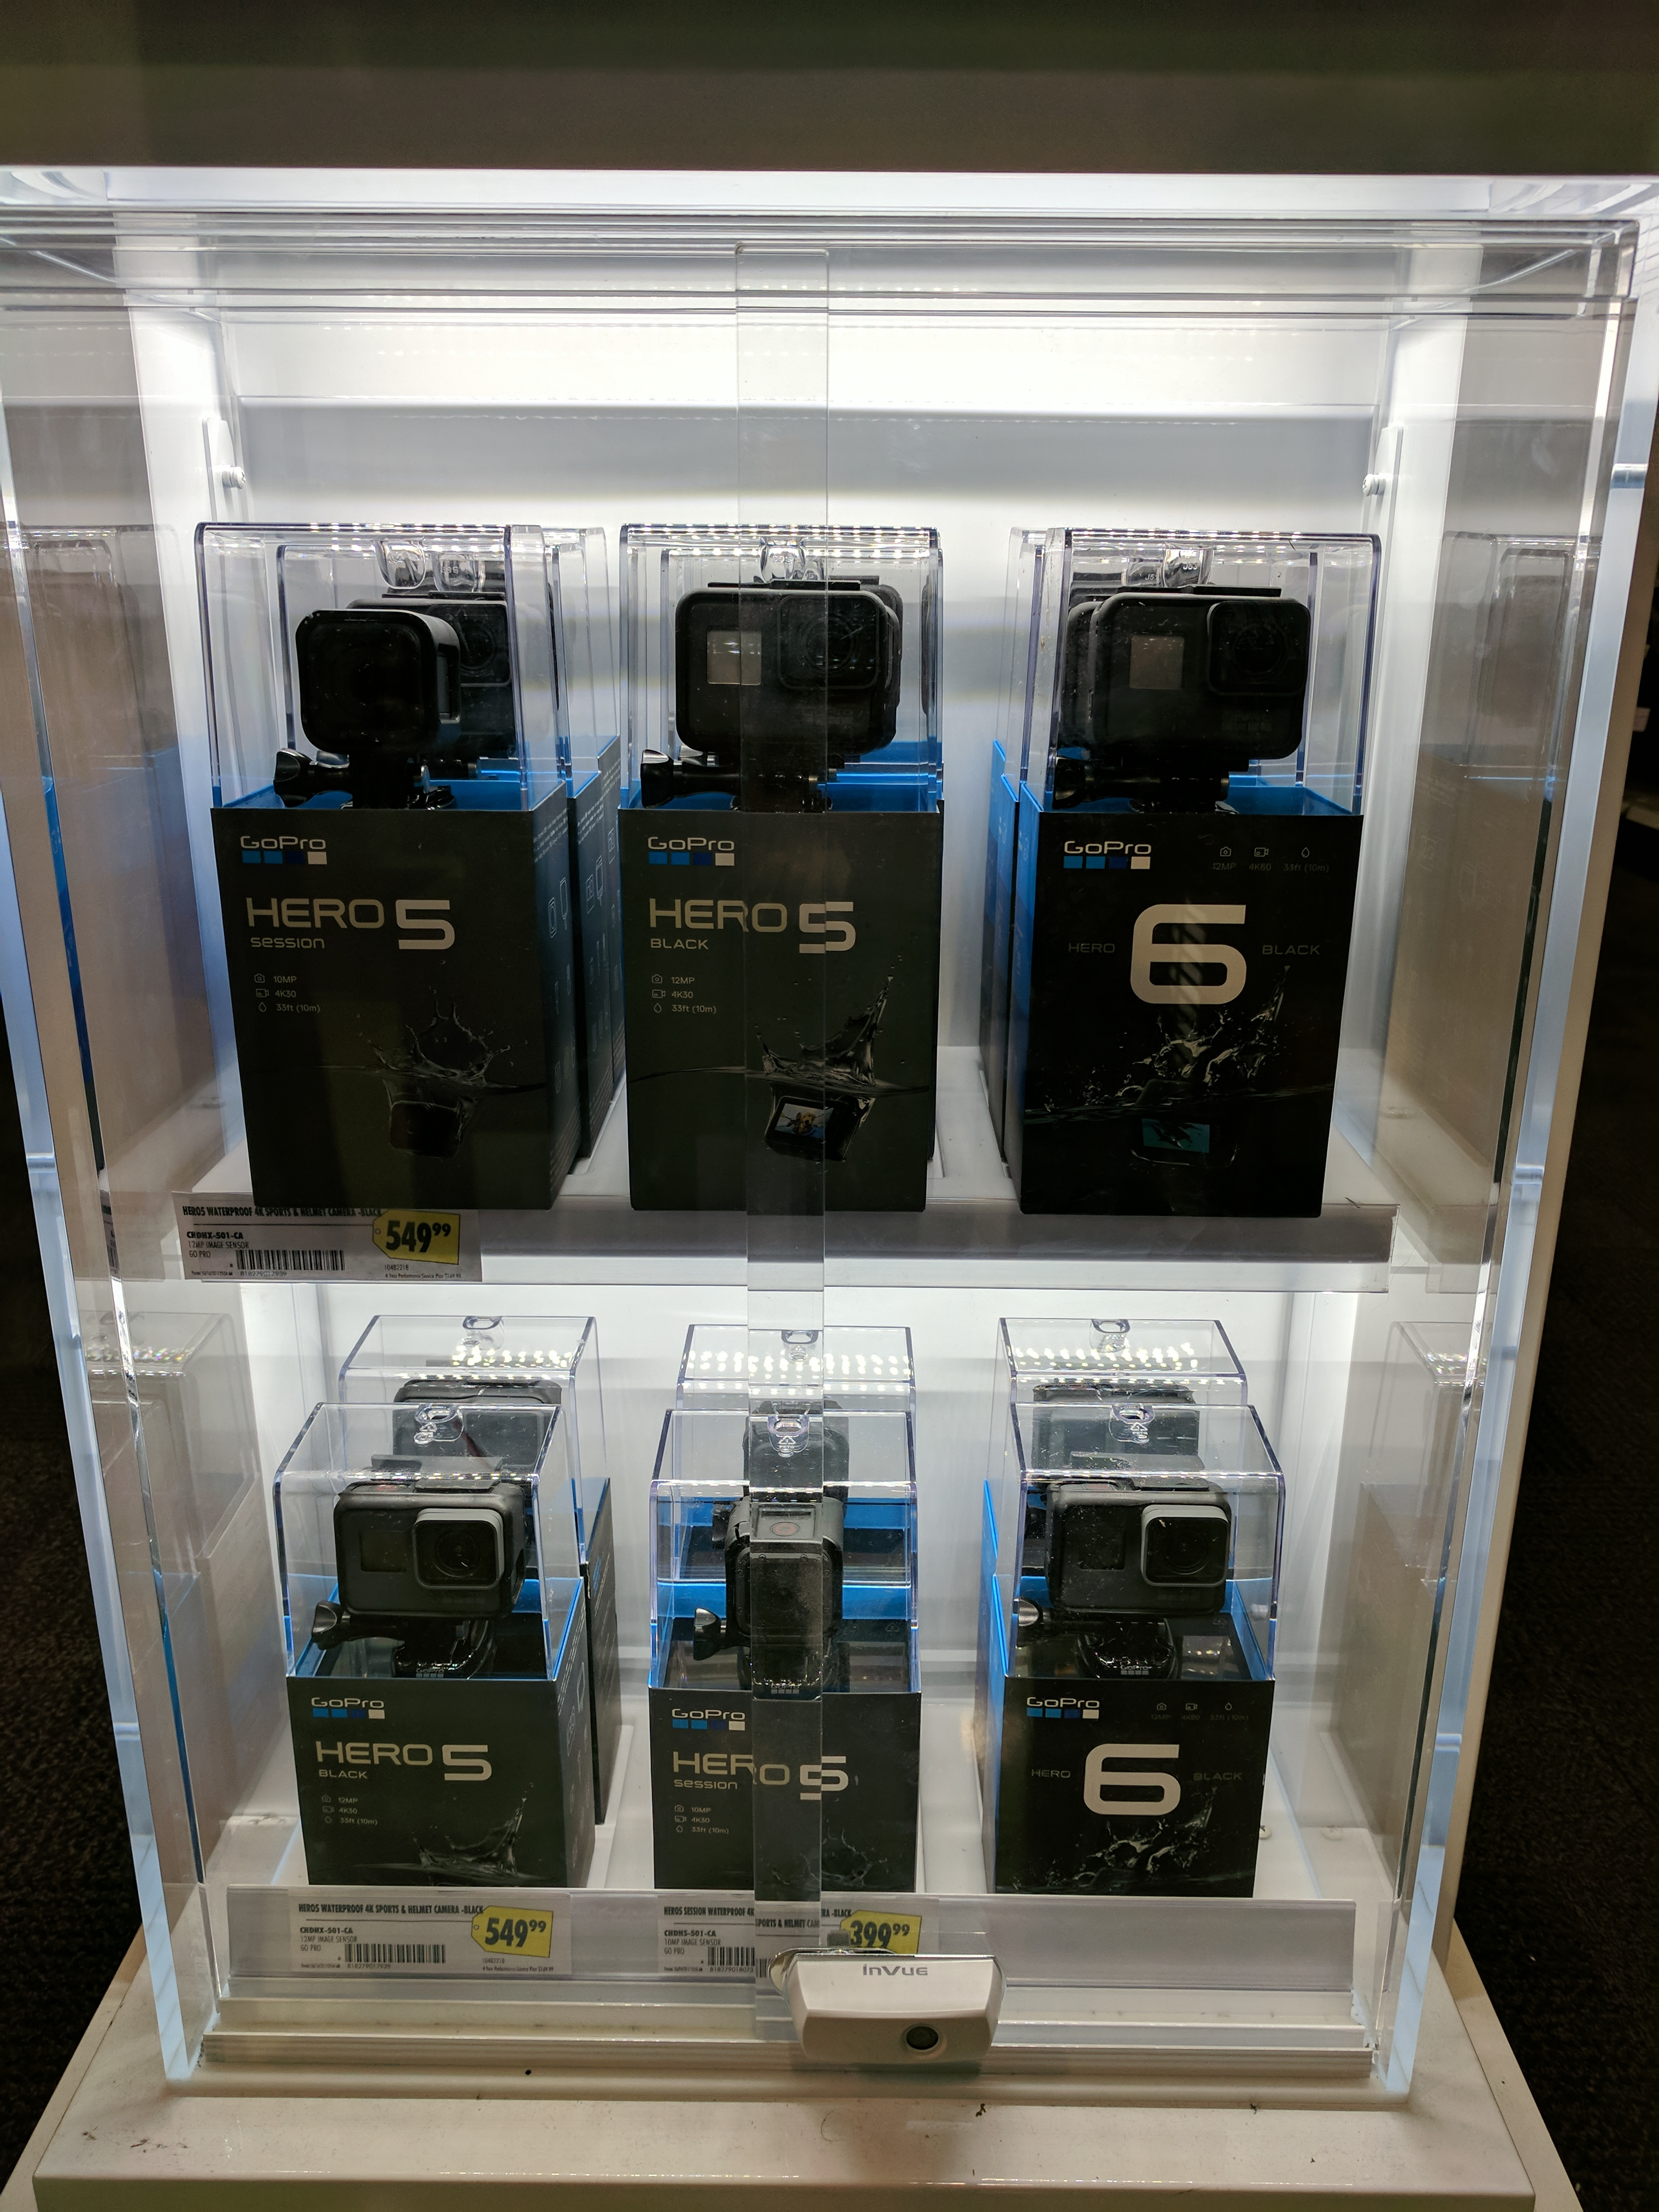 GoPro Hero 6 Black leaks again, will shoot 240 fps slow